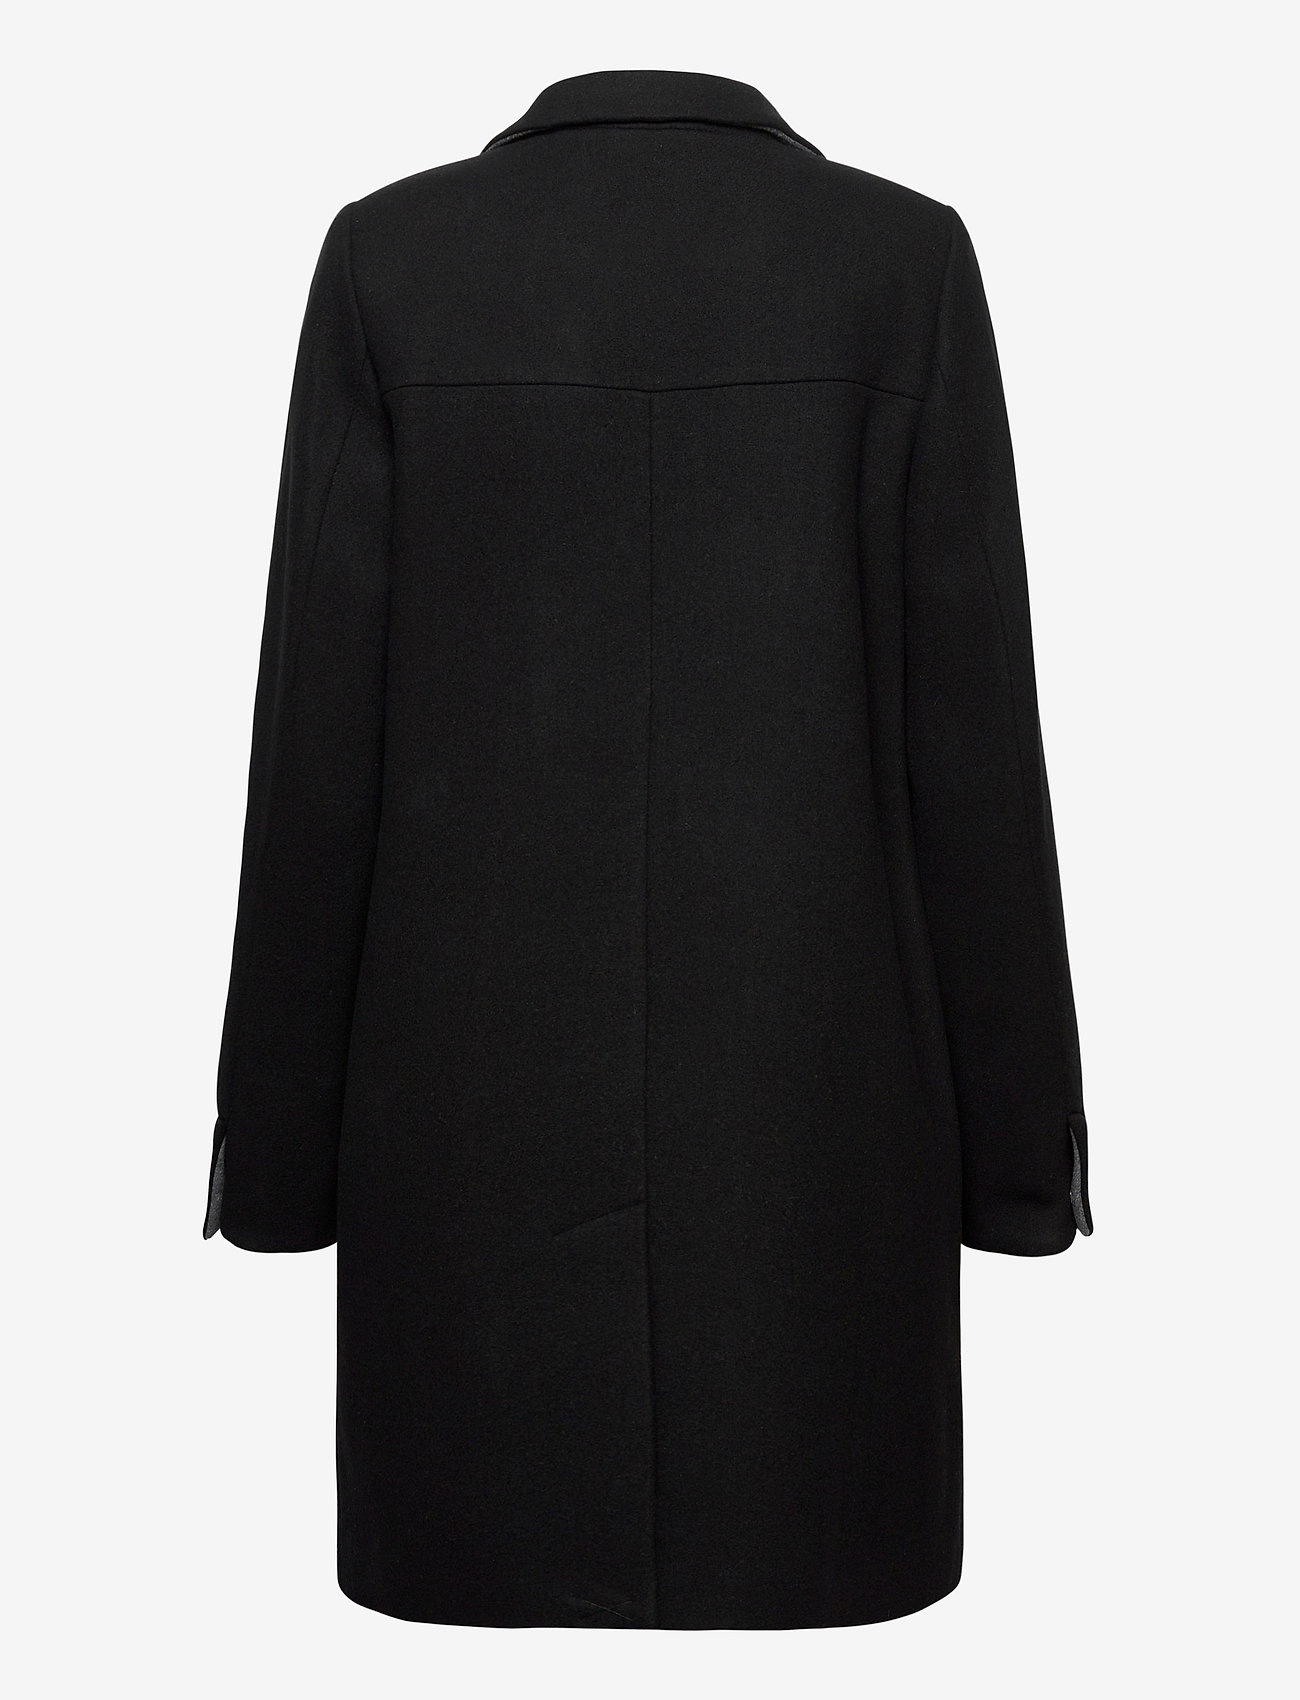 Esprit Casual - Coats woven - manteaux en laine - black - 1